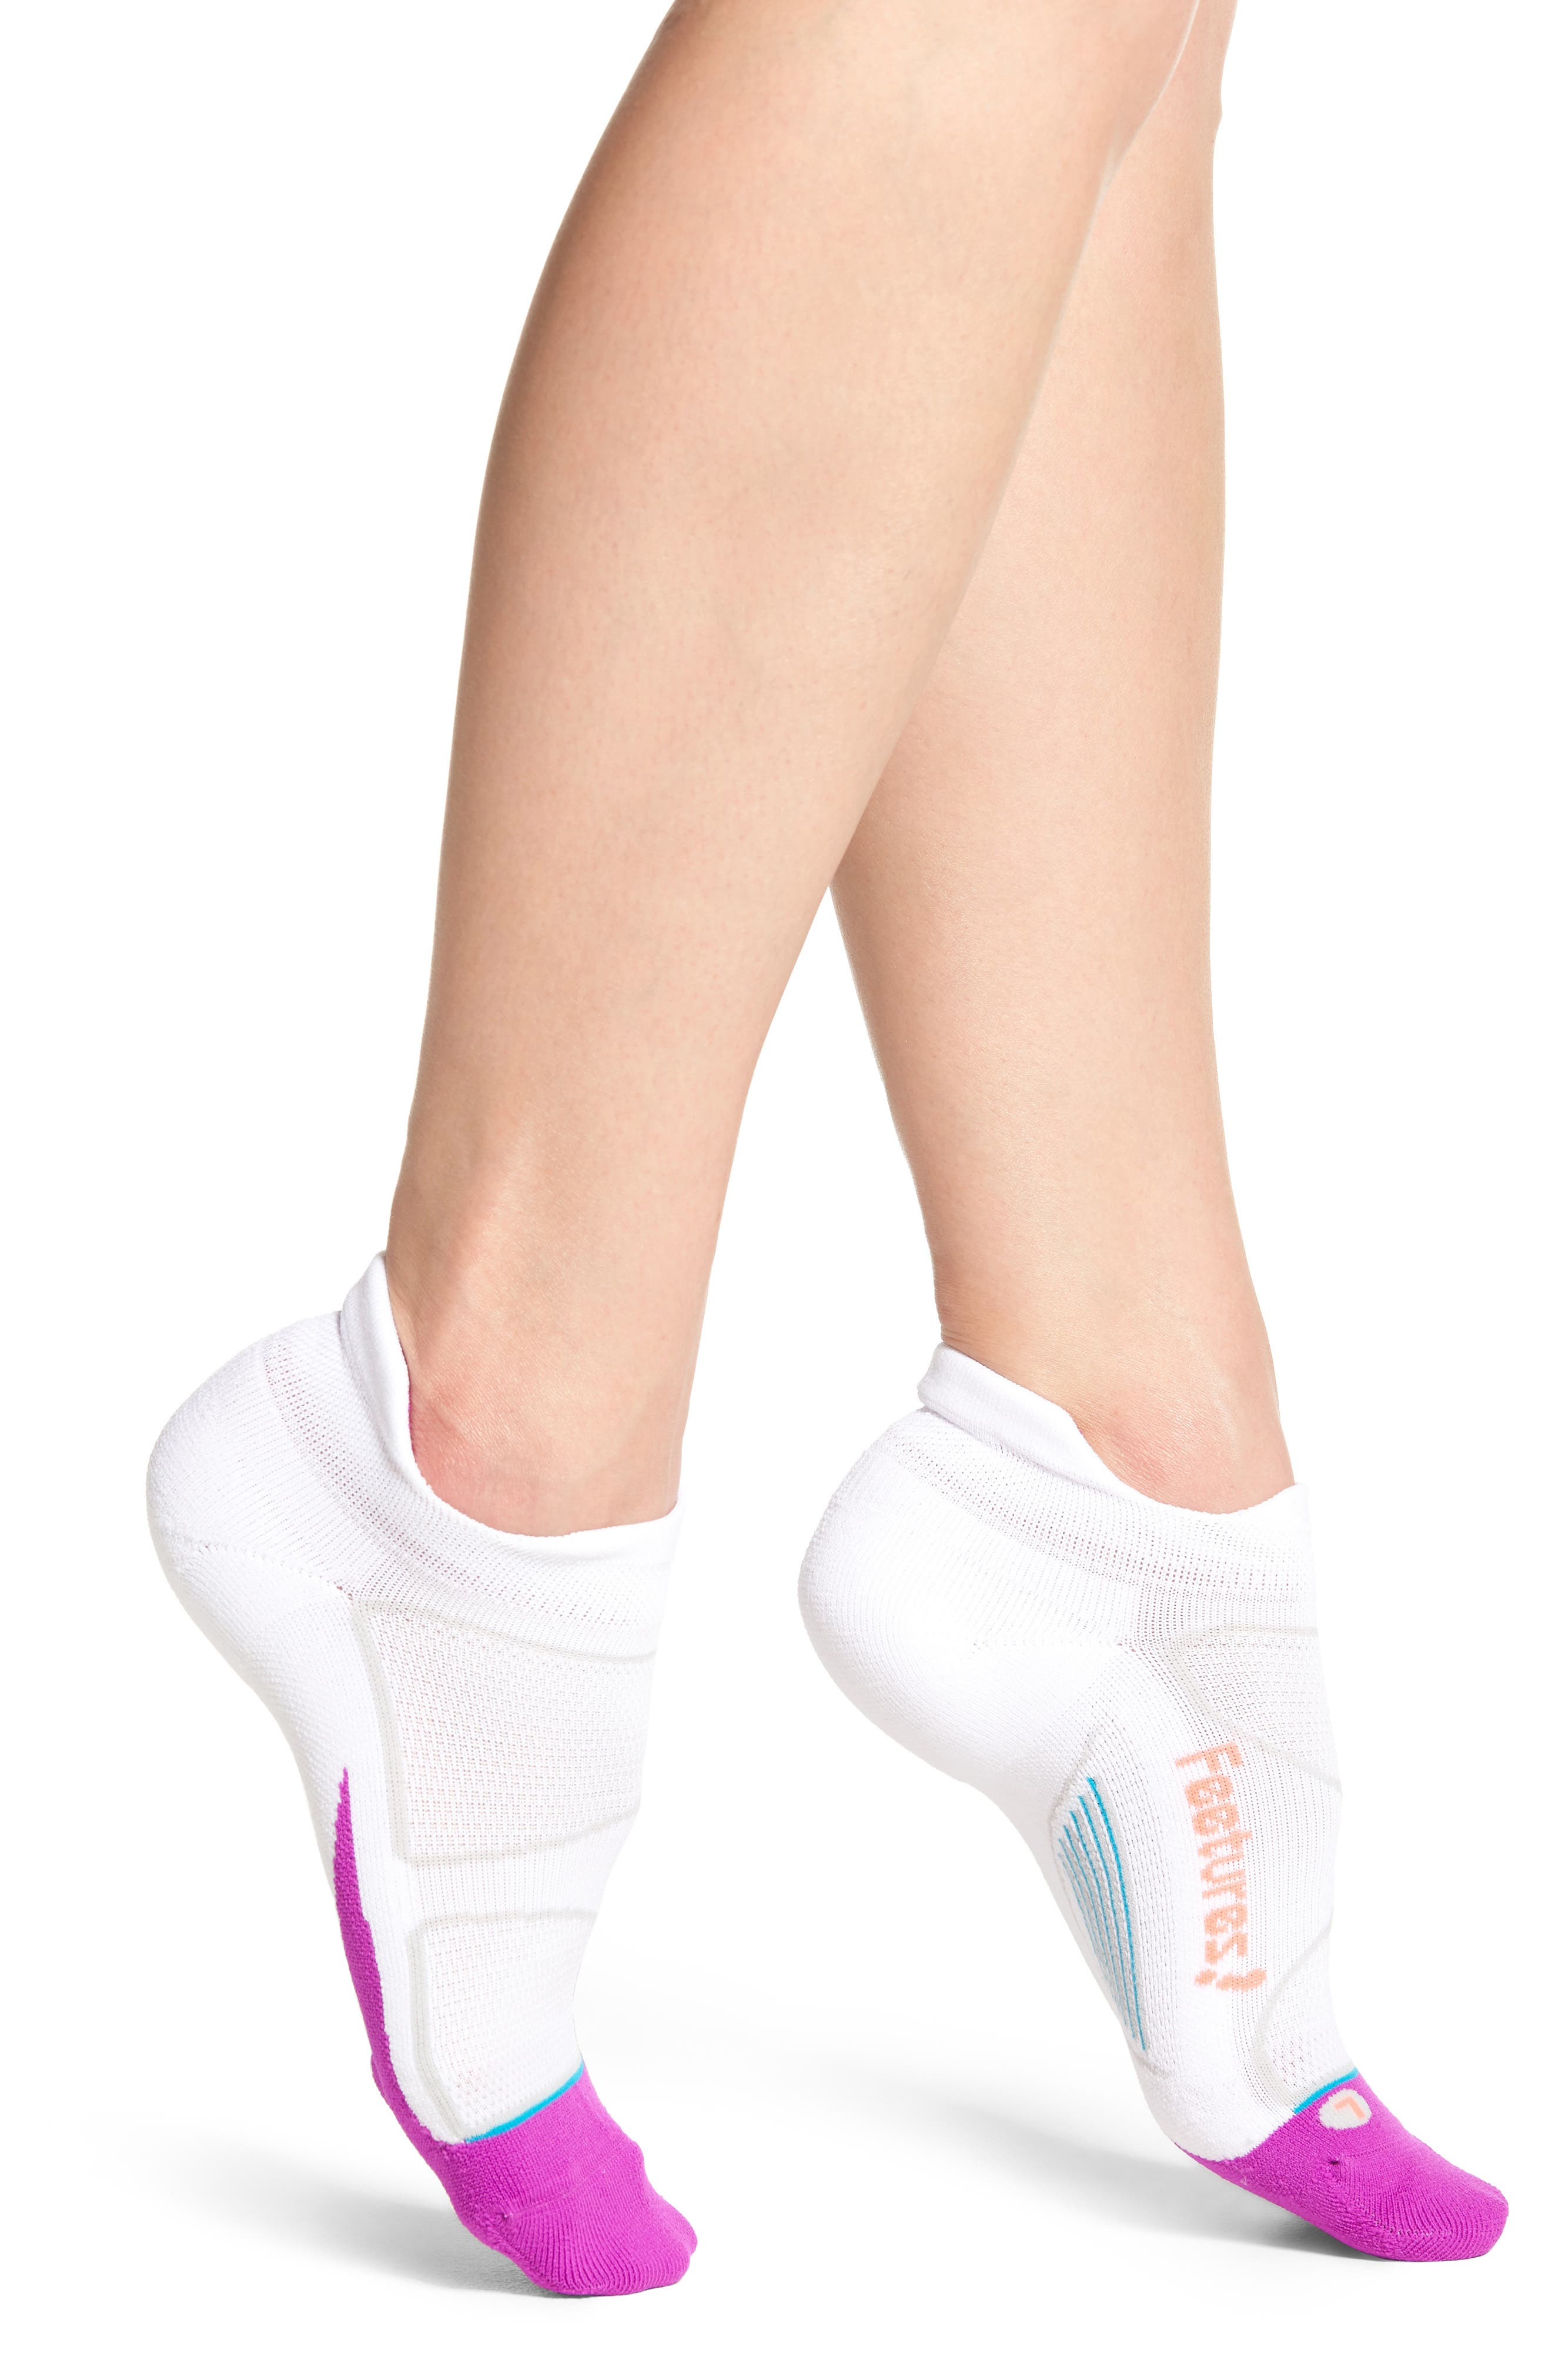 Elite Light No-Show Running Socks,                             Main thumbnail 1, color,                             White